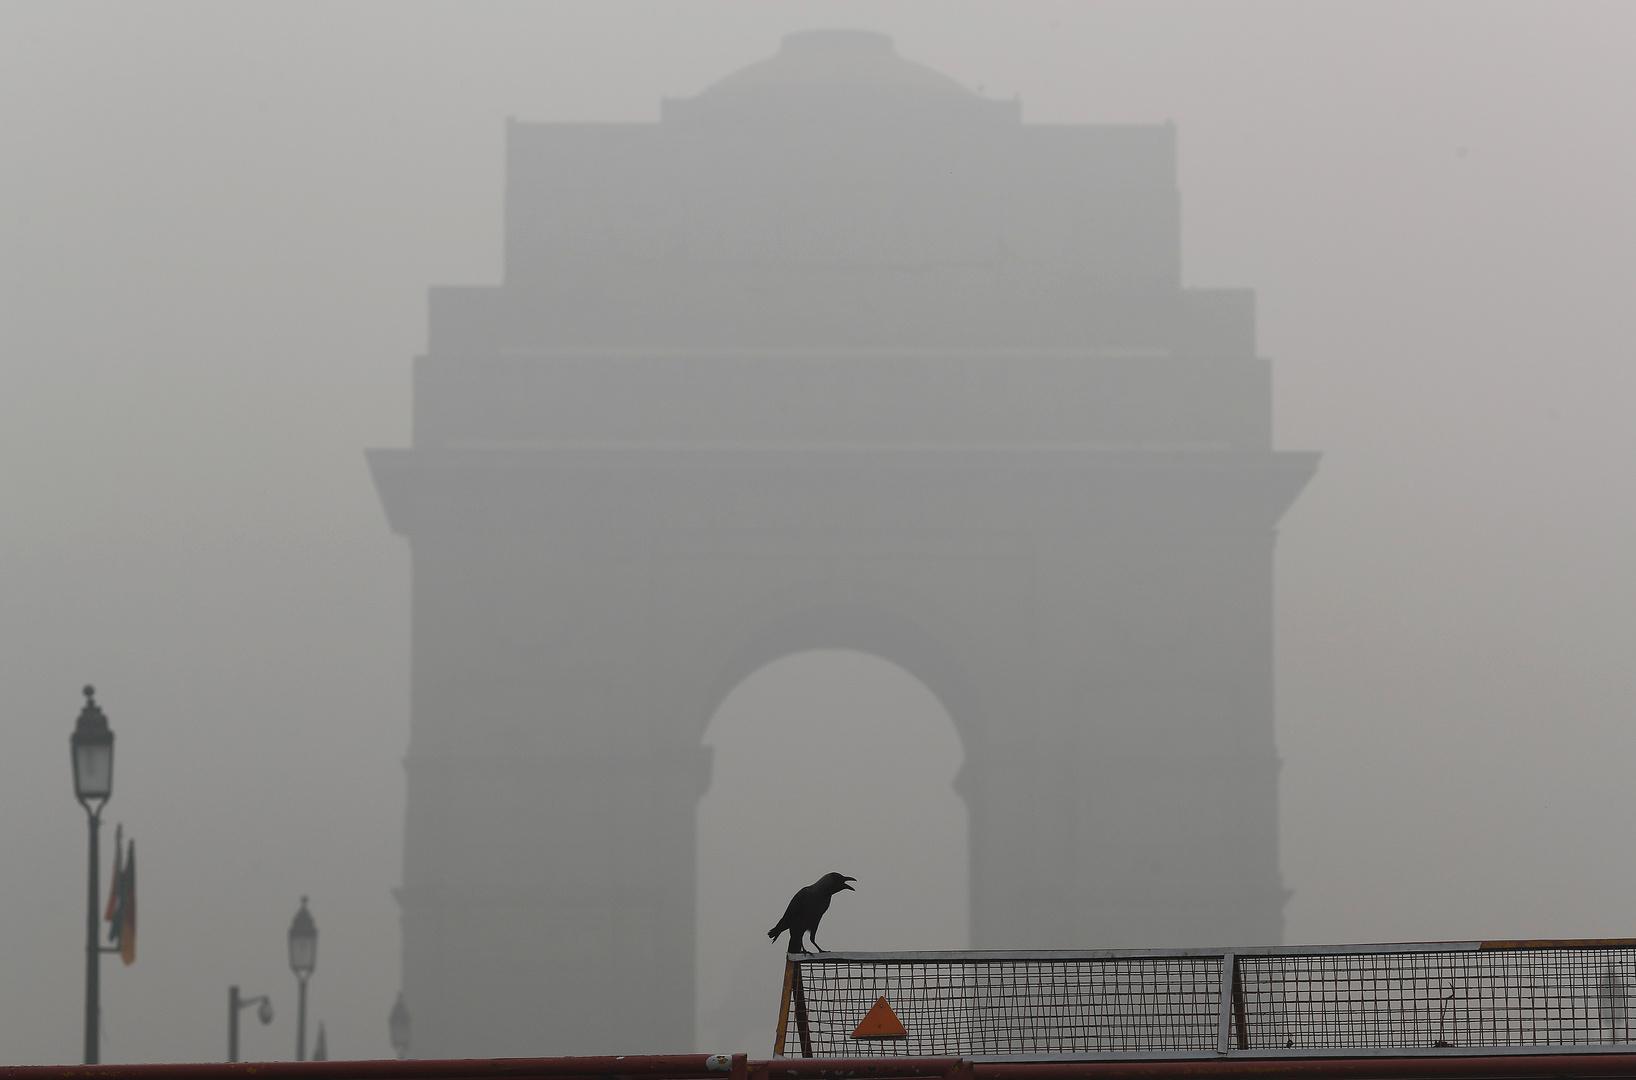 مستويات تلوث هواء لا تحتمل.. نيودلهي تعلن حالة الطوارئ